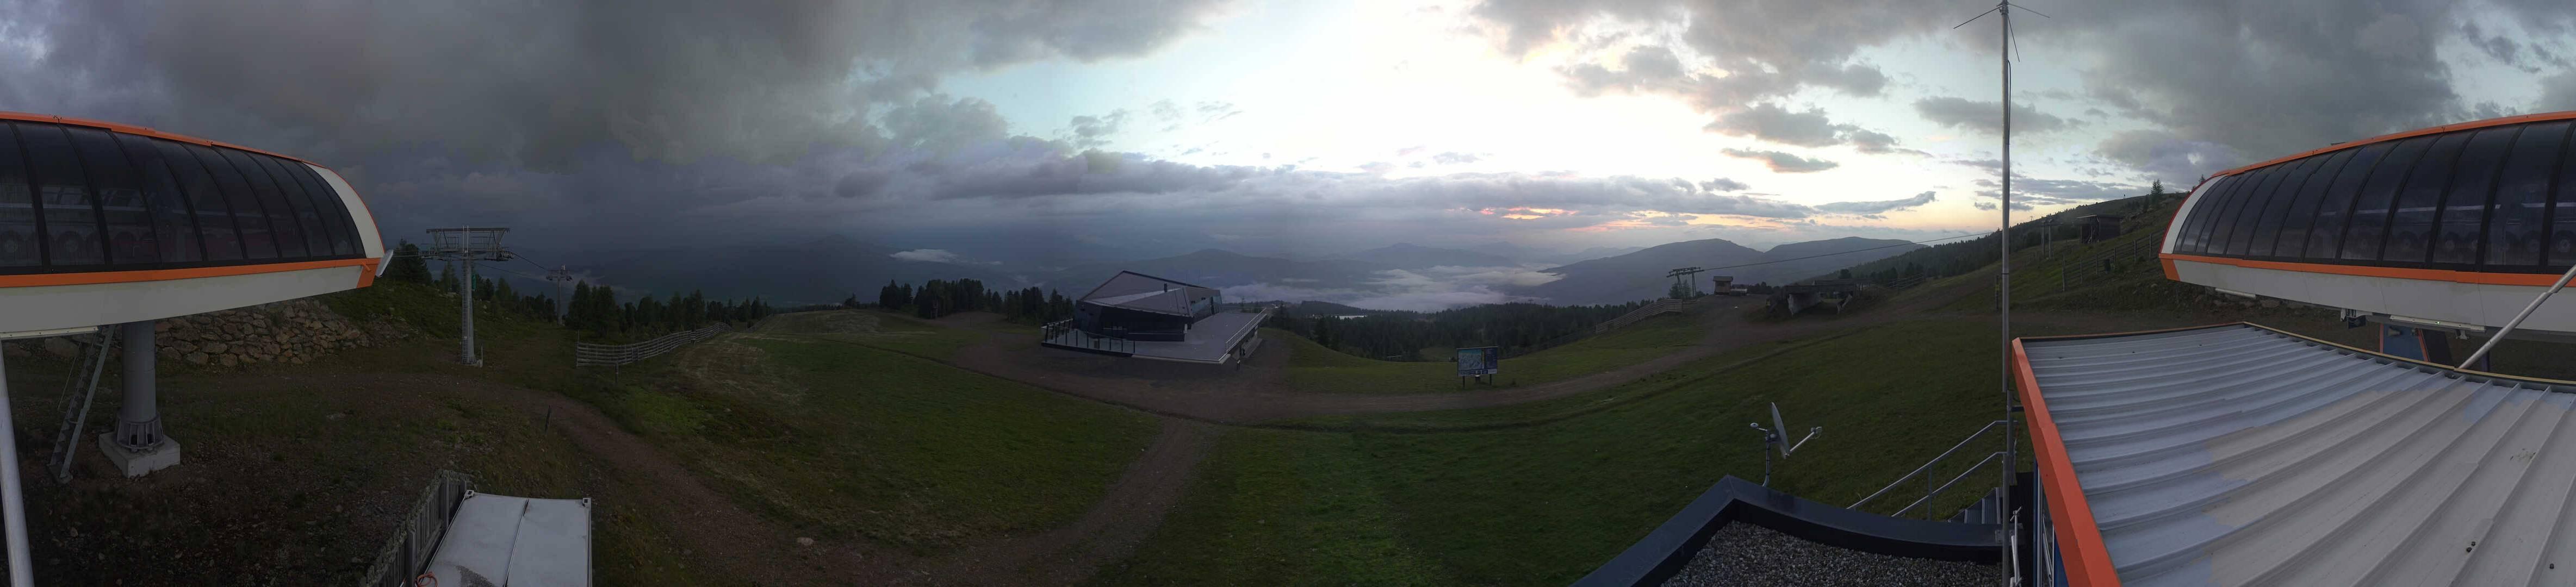 Kreischberg webcam - top ski station Sixpack